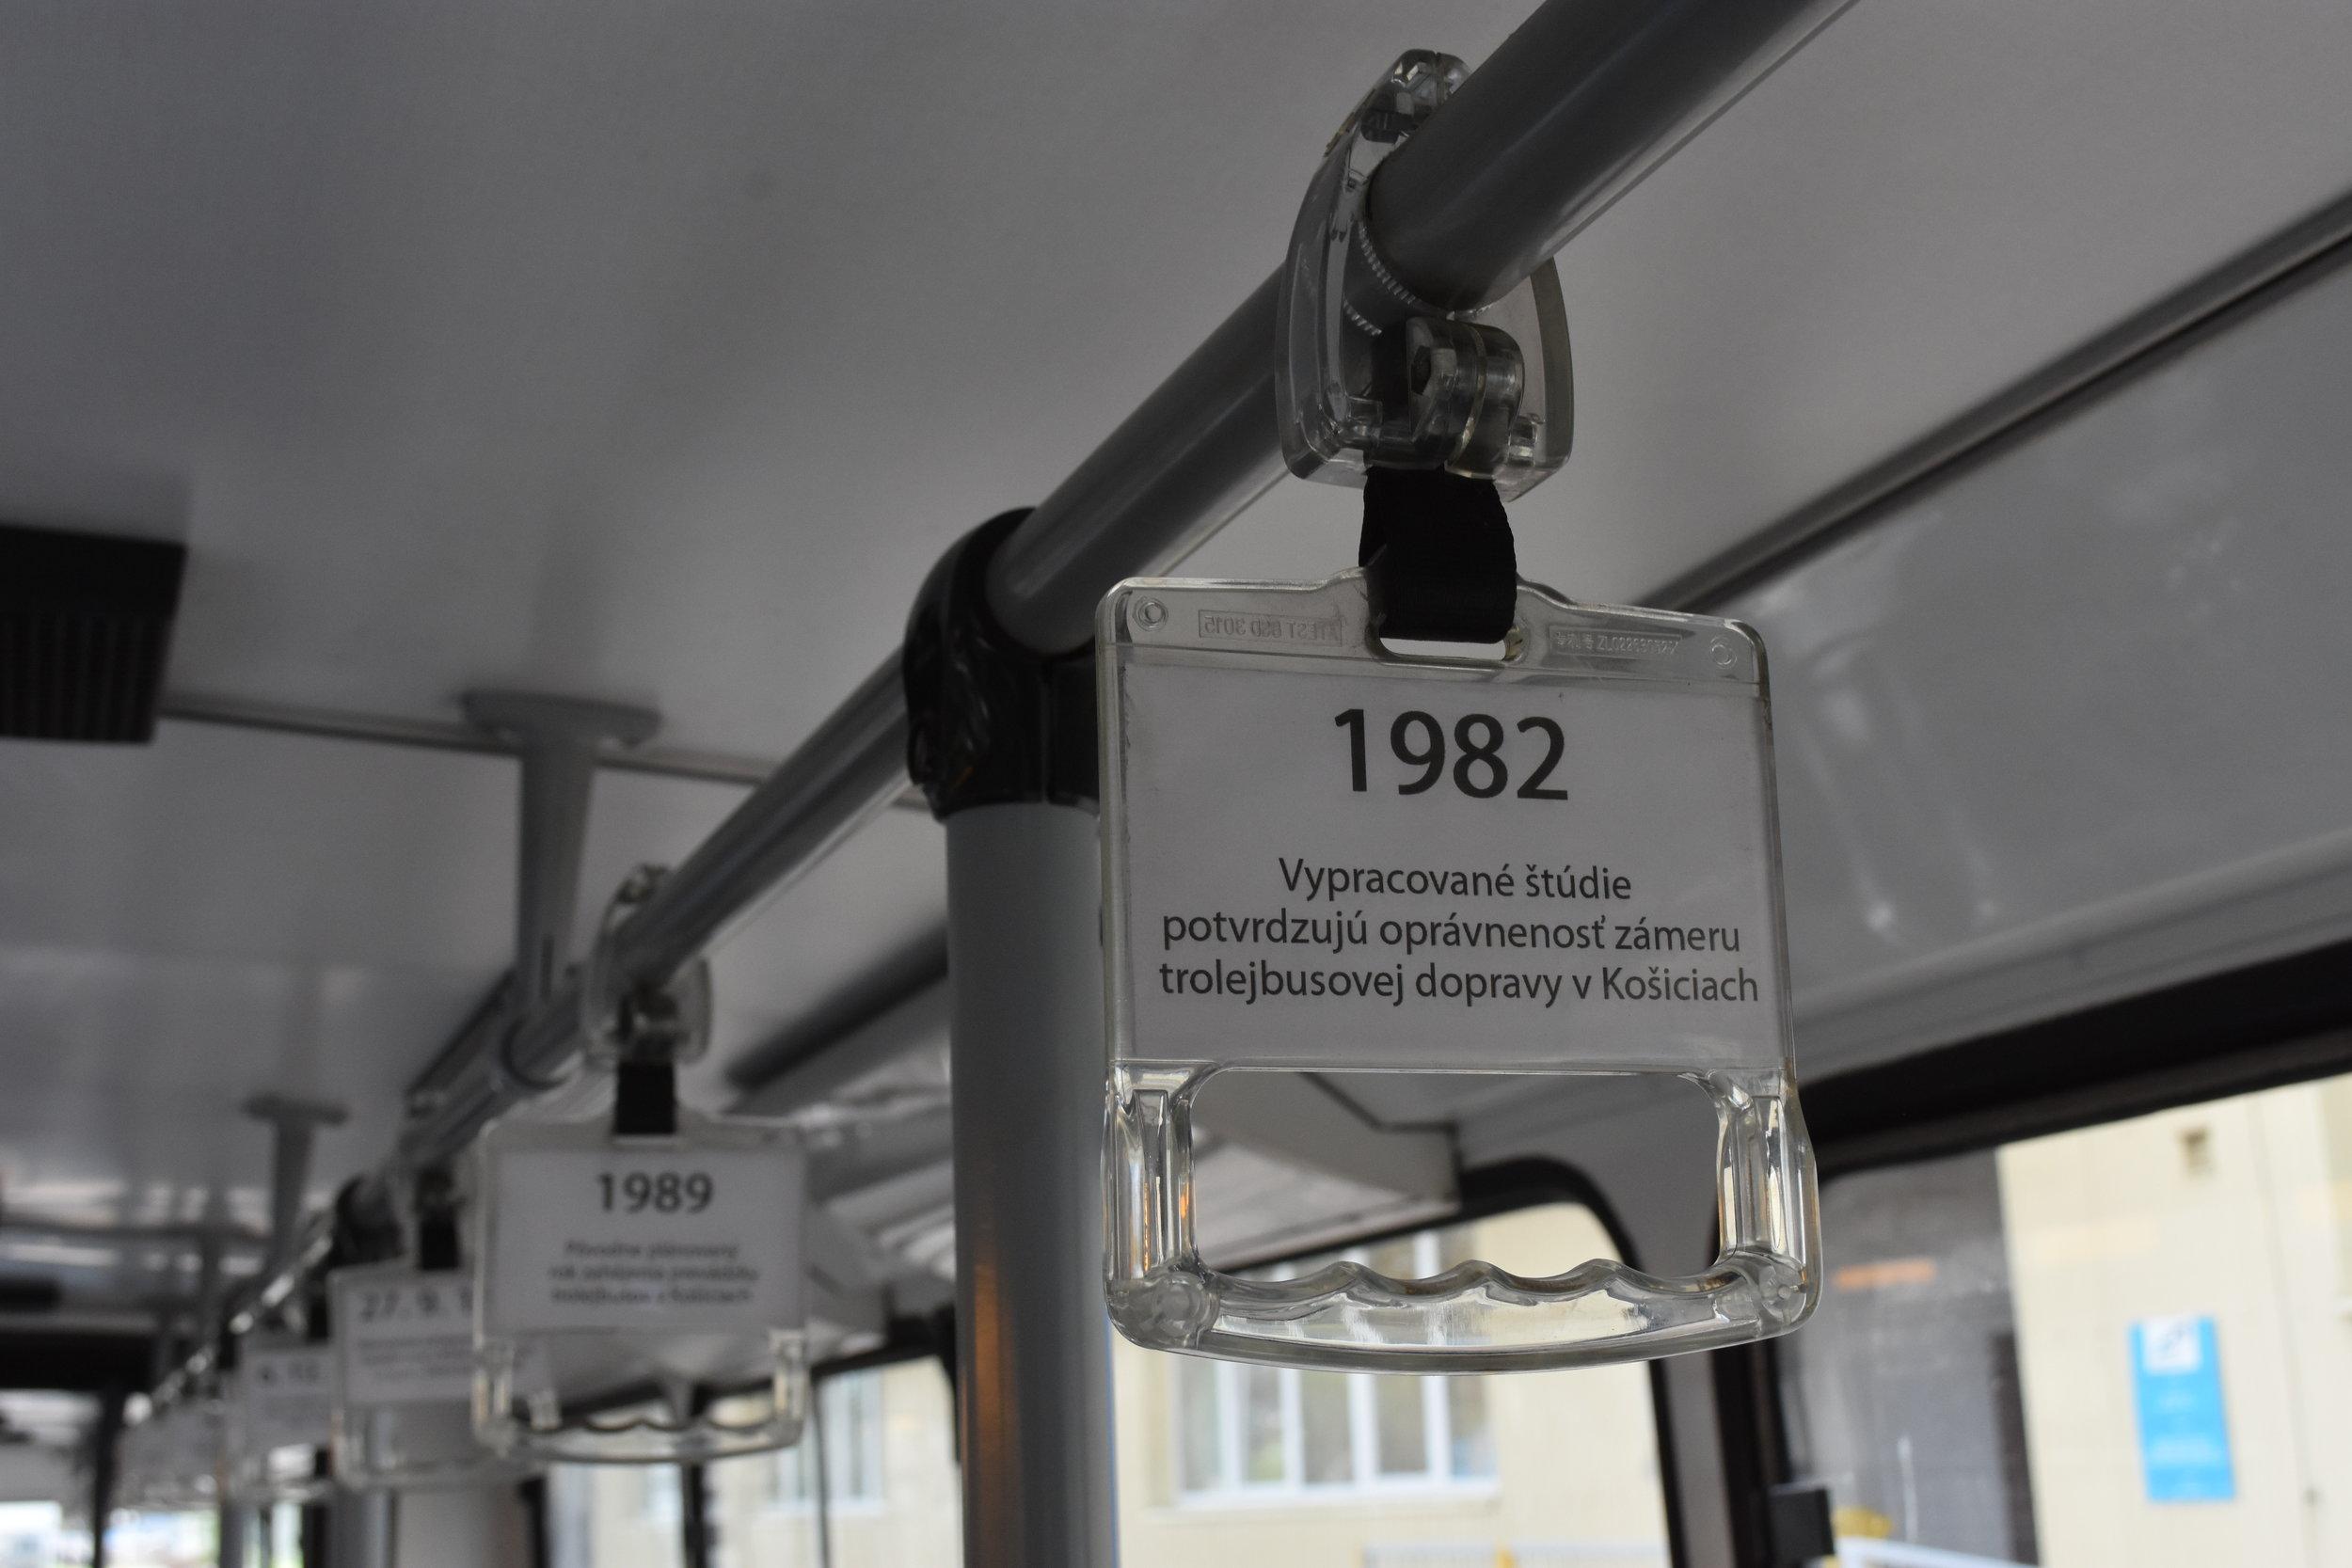 Utažení reklamních madel z Chomutova vedlo k poškození krytiny zádržných tyčí. Proto bylo rozhodnuto, že plastová madla ve voze zůstanou. Mají však novou funkci. Zájemci si na nich mohou prostudovat stručnou historii trolejbusové dopravy v Košicích a místního vozového parku. (foto: Libor Hinčica)